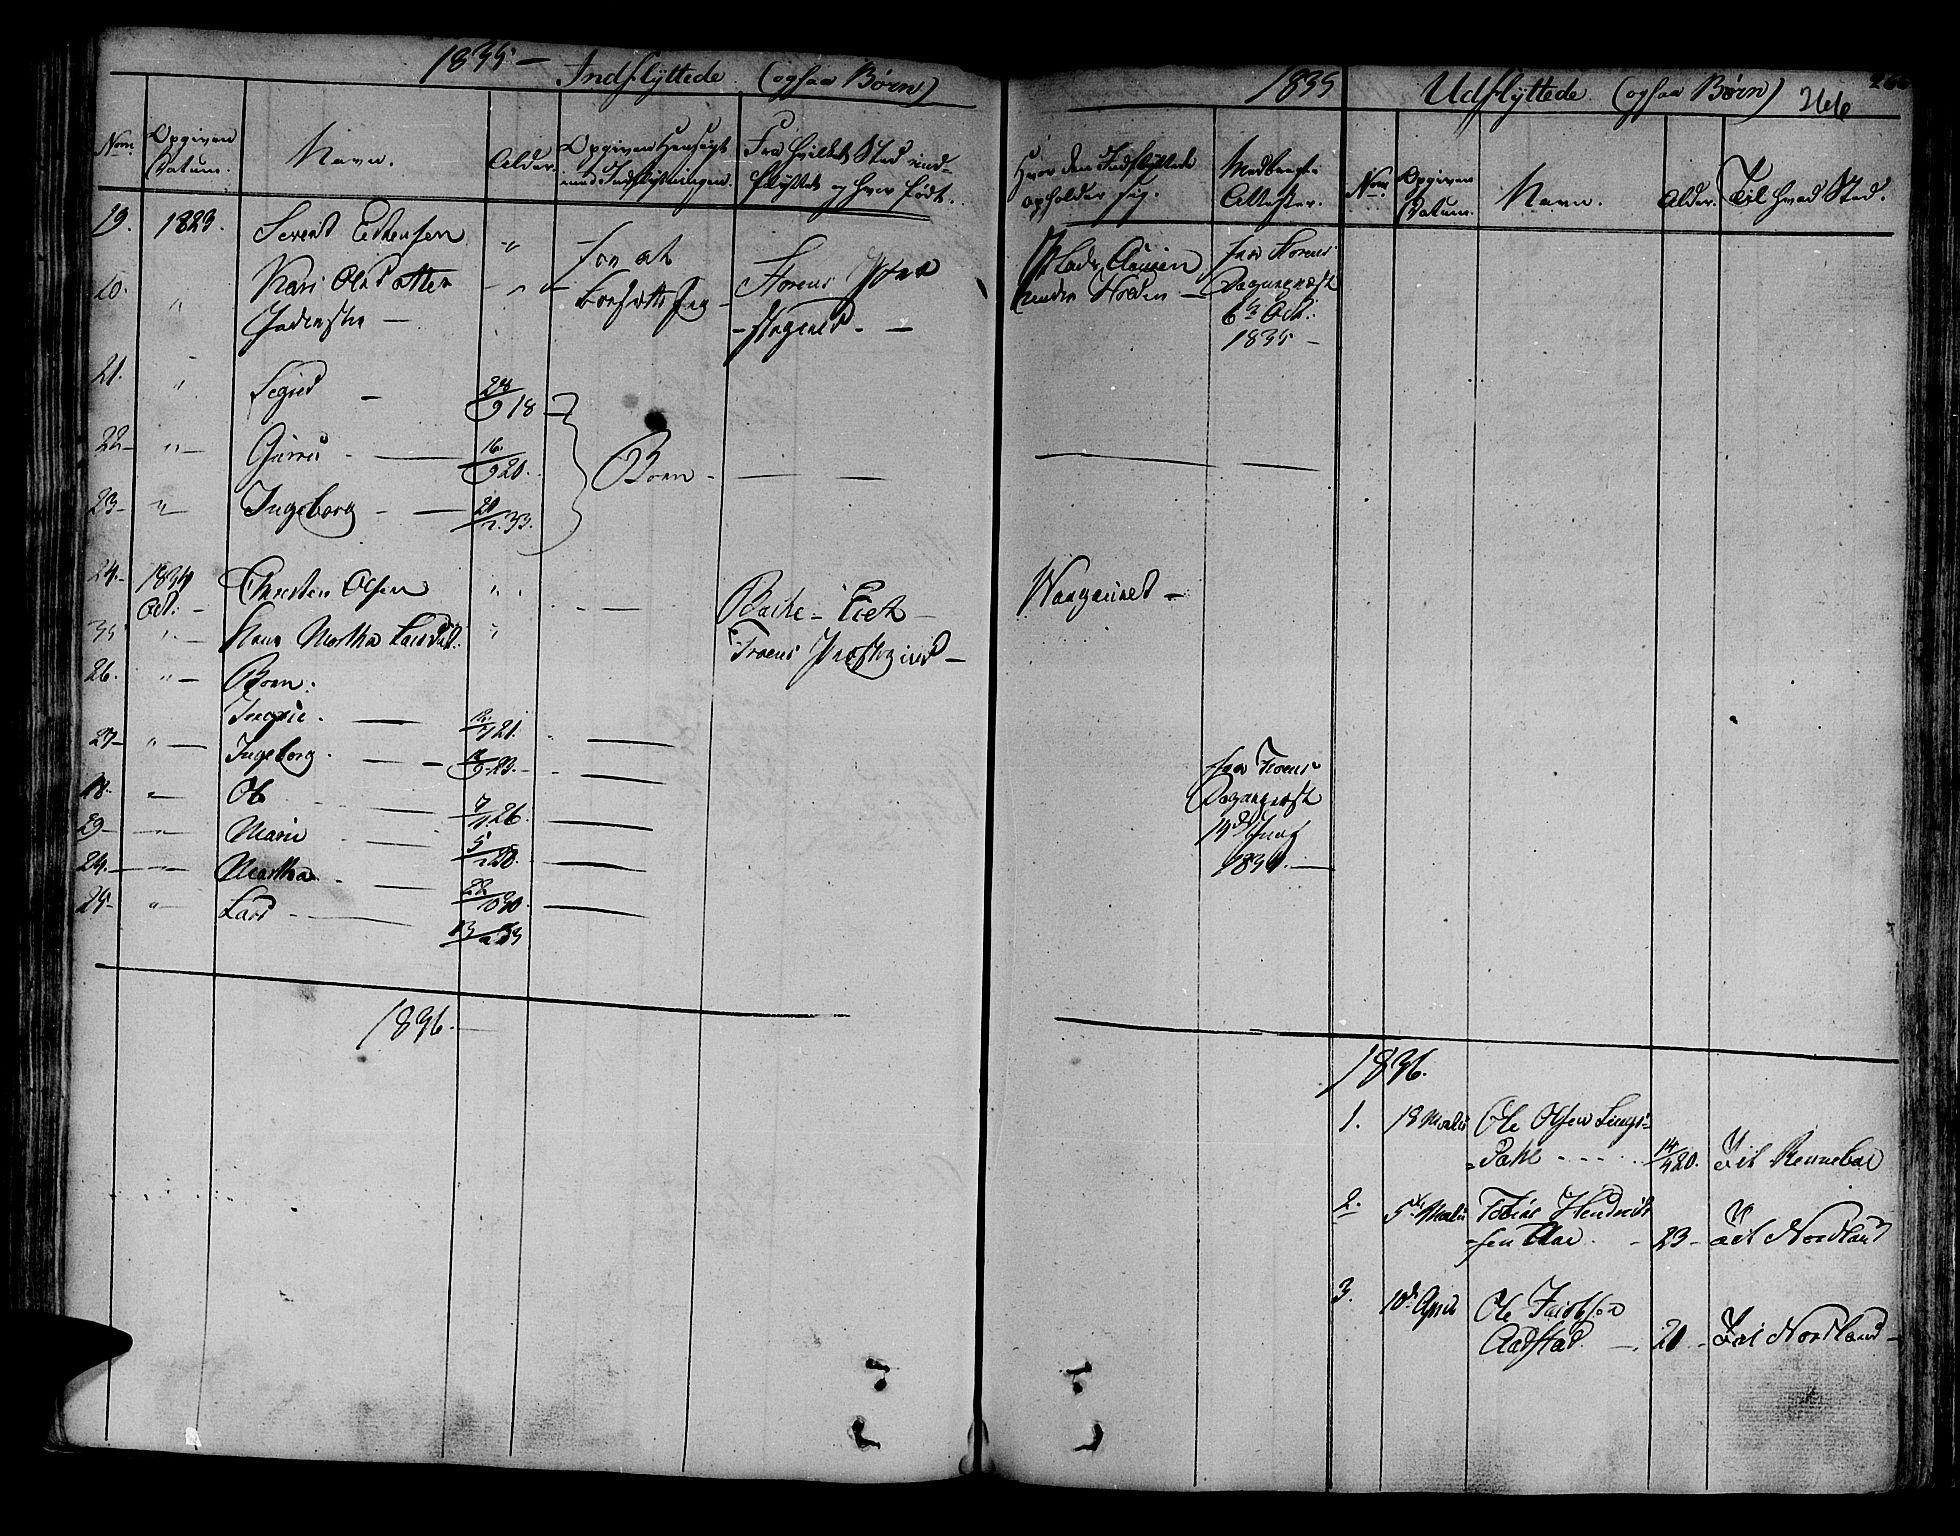 SAT, Ministerialprotokoller, klokkerbøker og fødselsregistre - Sør-Trøndelag, 630/L0492: Ministerialbok nr. 630A05, 1830-1840, s. 266